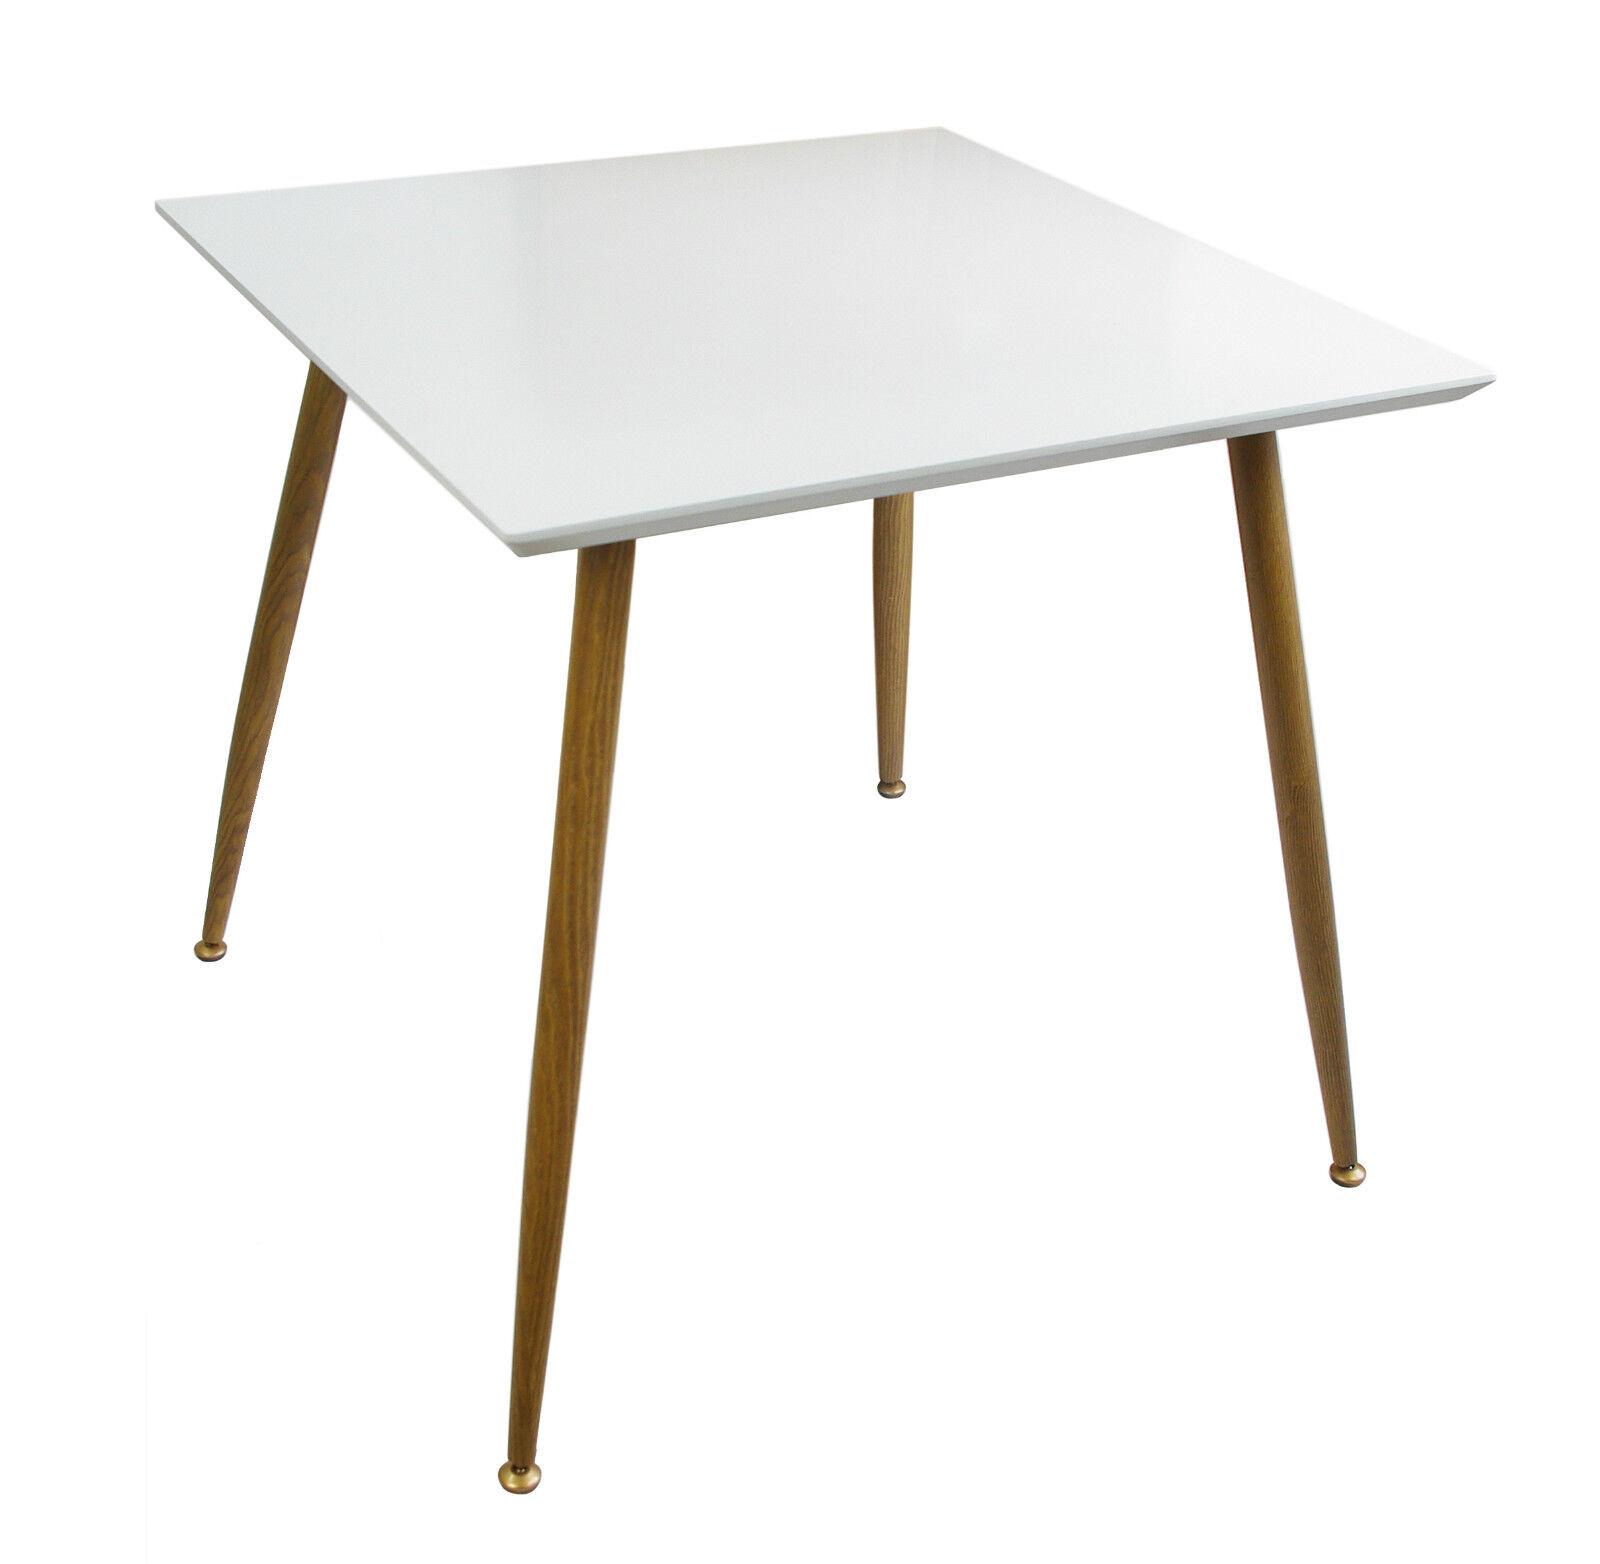 tisch esstisch k chentisch schreibtisch 80x80cm holz platte metall beine h220 eur 74 90. Black Bedroom Furniture Sets. Home Design Ideas